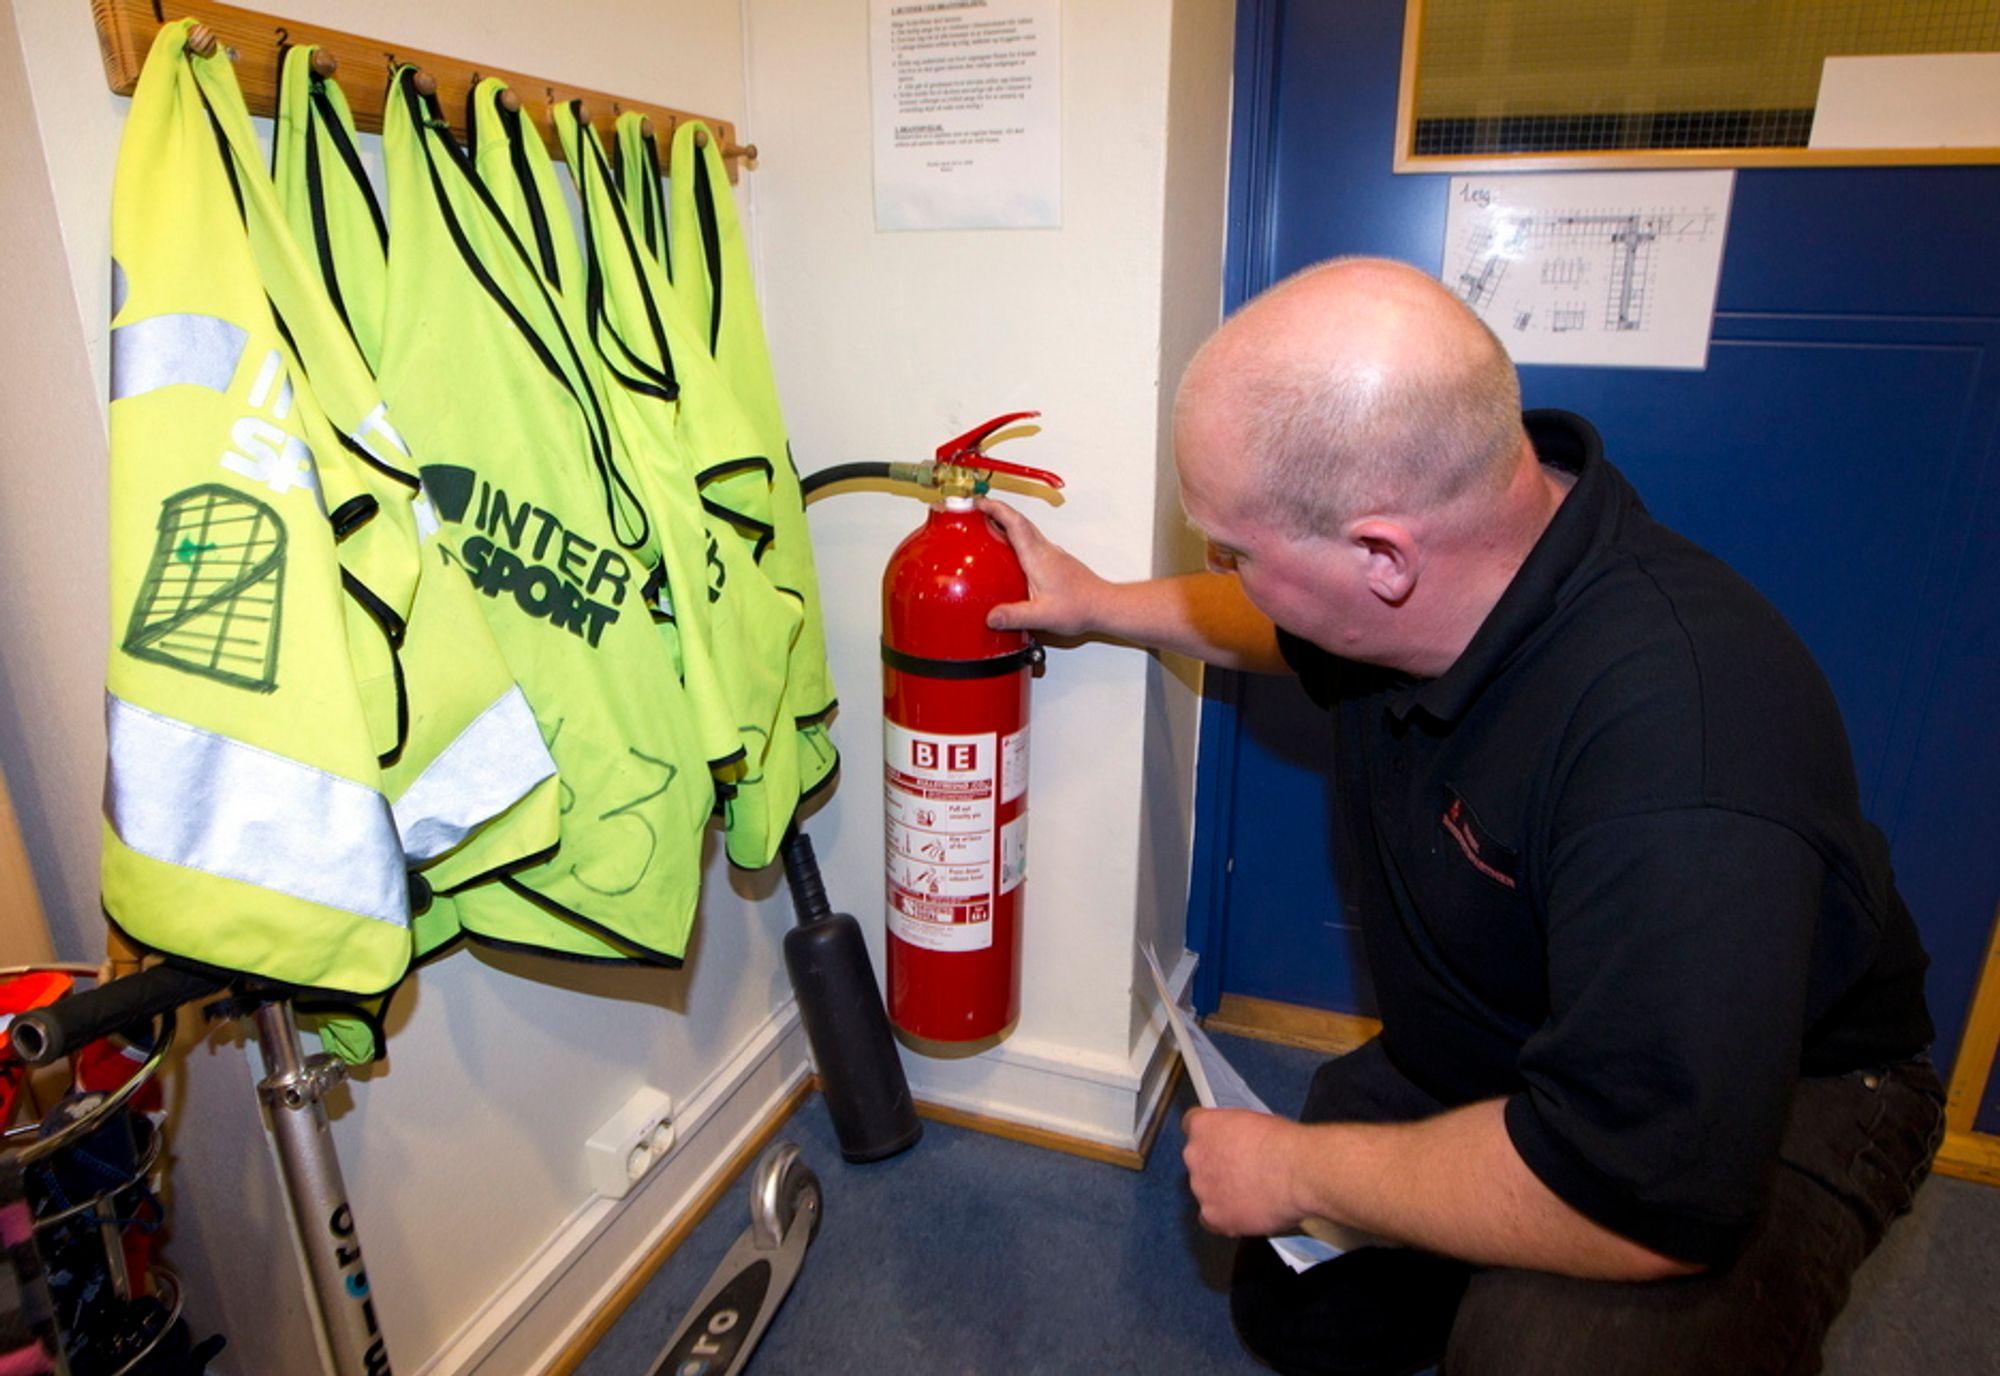 INGEN FARE: Einar Nathen i Sikkerhetspartner sjekker CO2-apparat av typen som forårsaket evakuering av alle Osloskolene torsdag. Her fra Huseby skole.